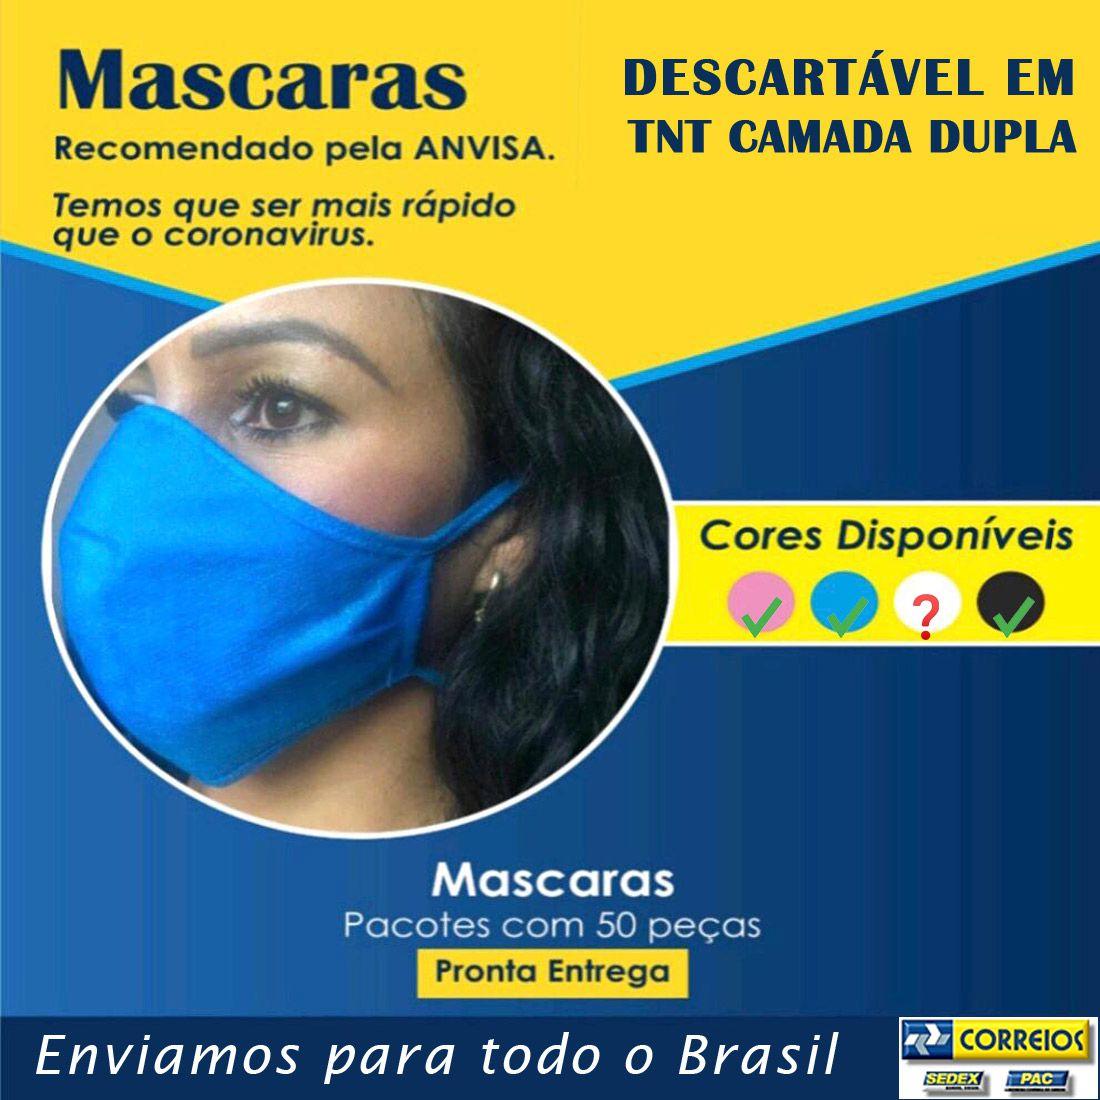 2000 MÁSCARAS EM TNT DUPLO - PRONTA ENTREGA  - Testes Para Drogas e COVID-19. Máscaras e Como Parar de Beber e Fumar